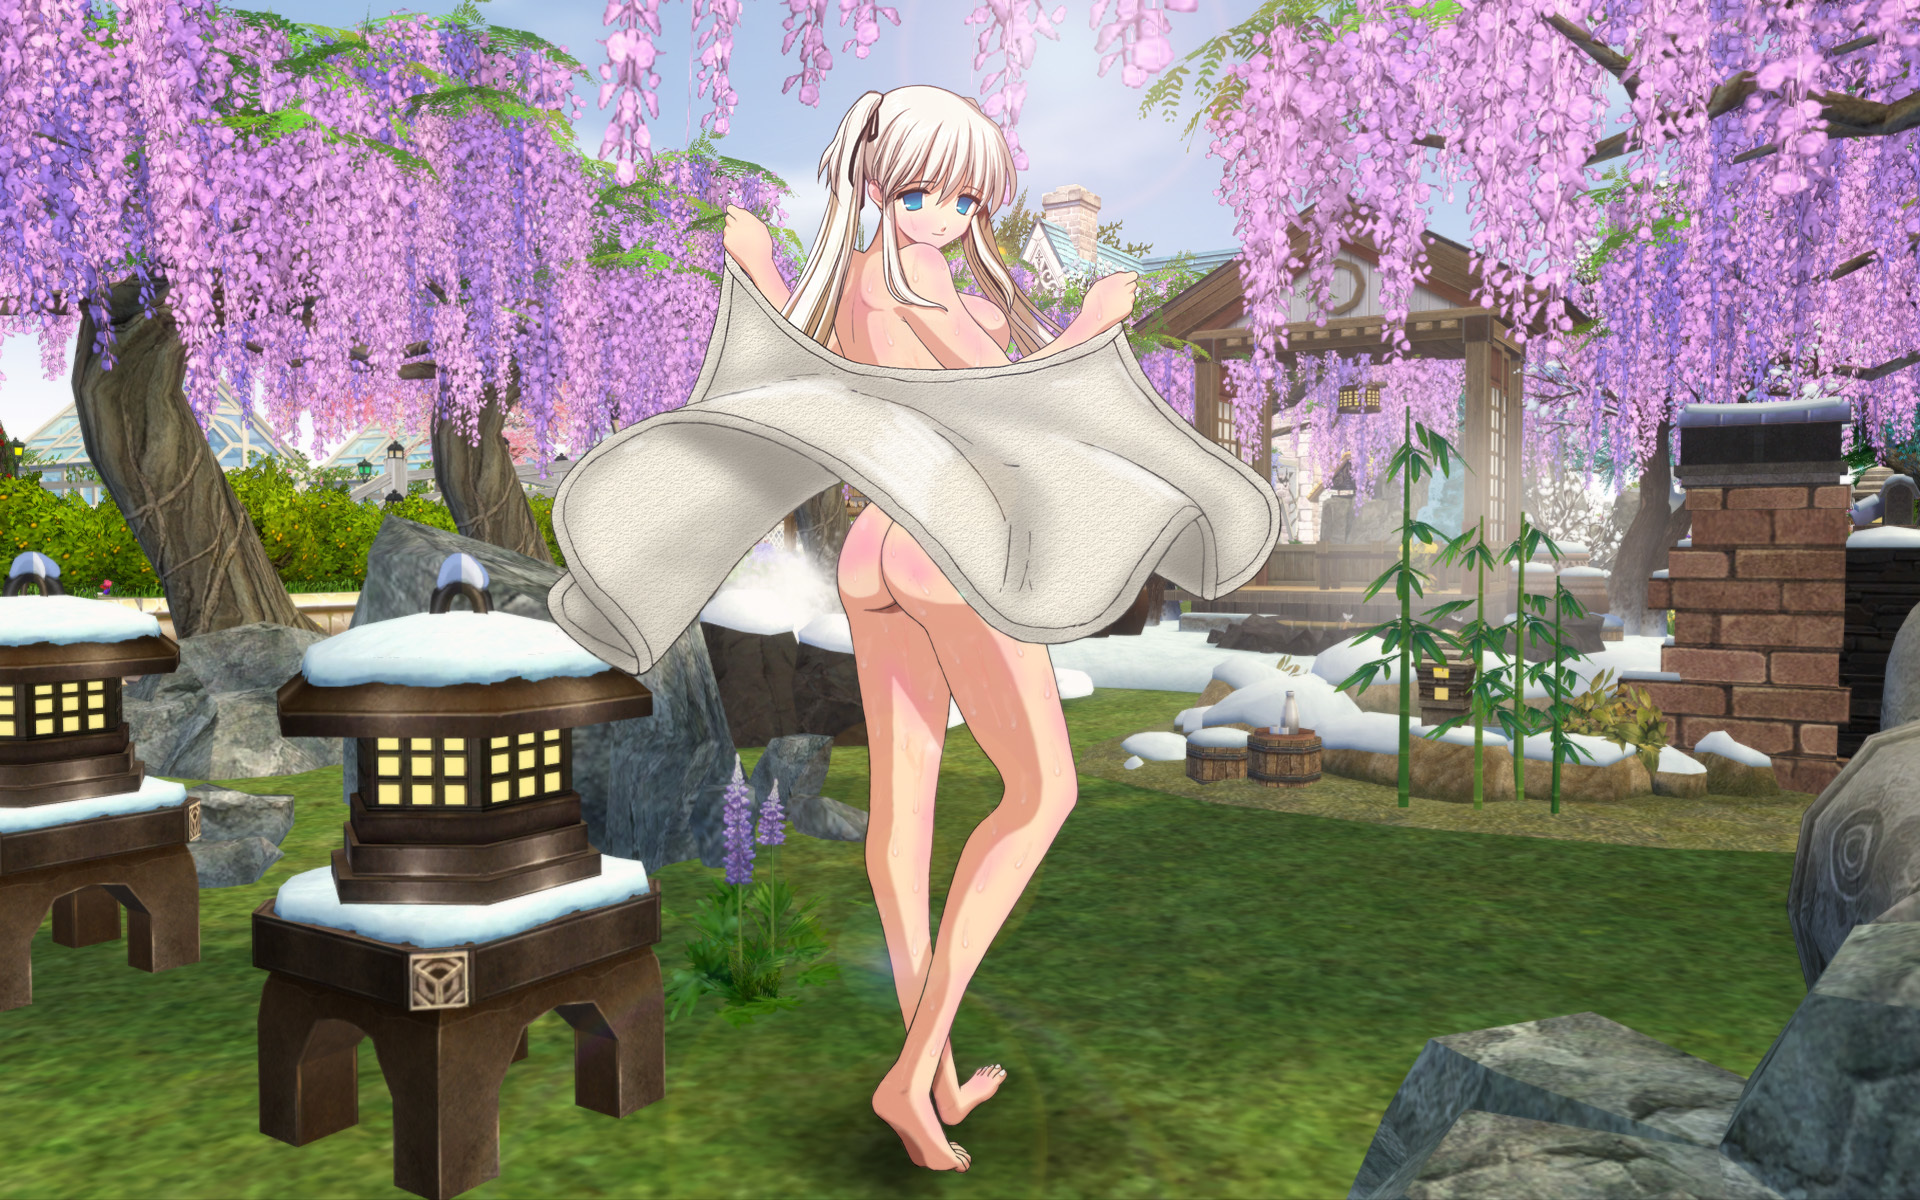 ナオさんの入浴(フジ花版)2